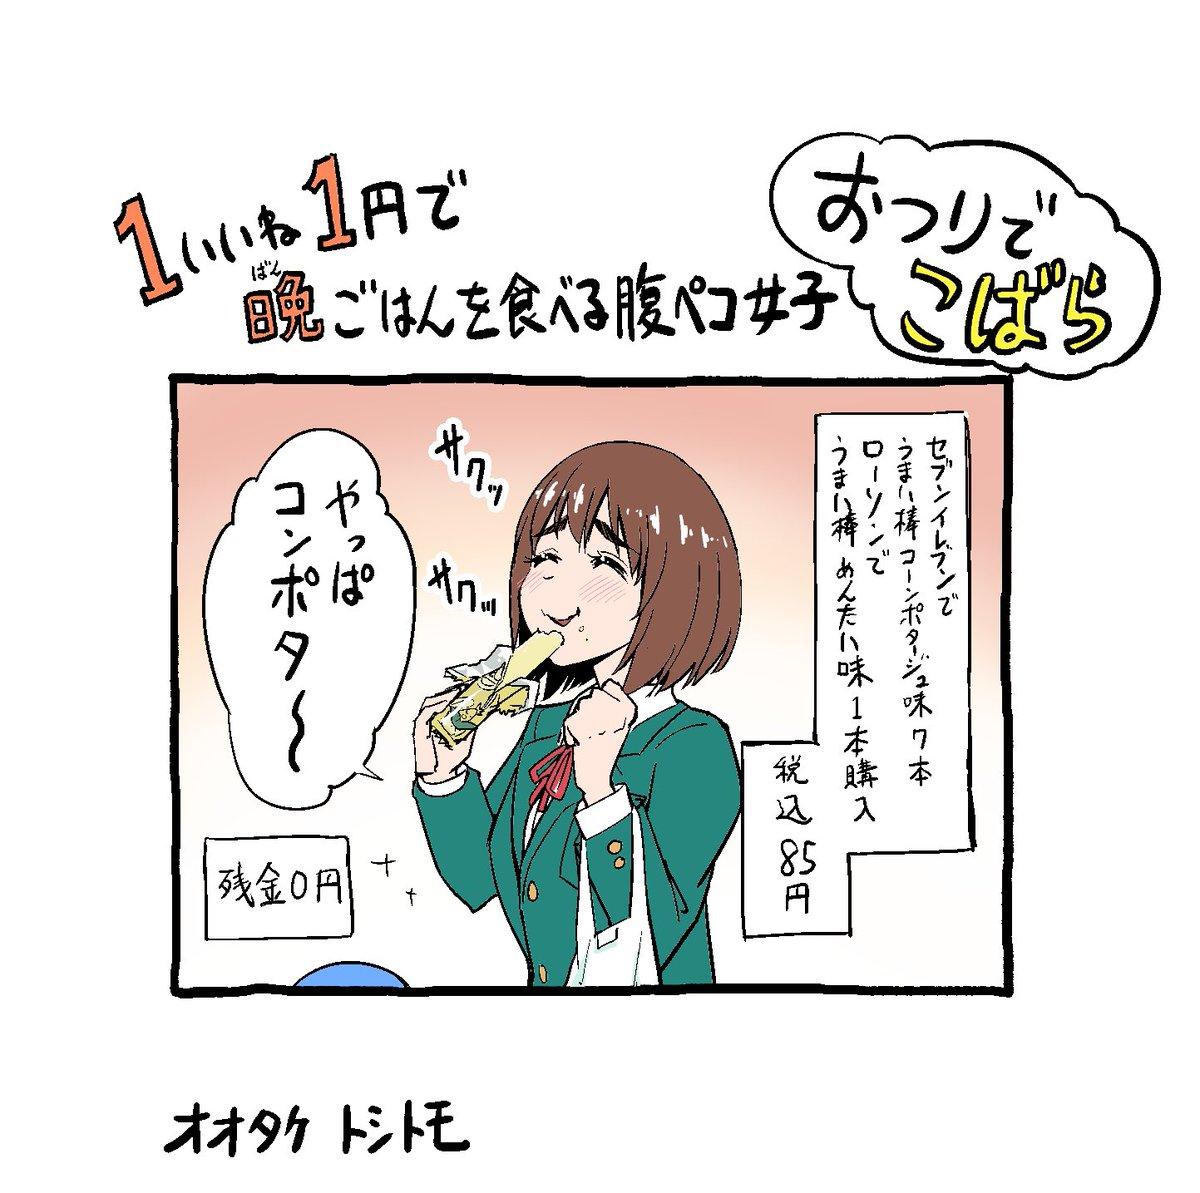 1いいね1円で晩ごはんを食べる腹ペコ女子 2-2